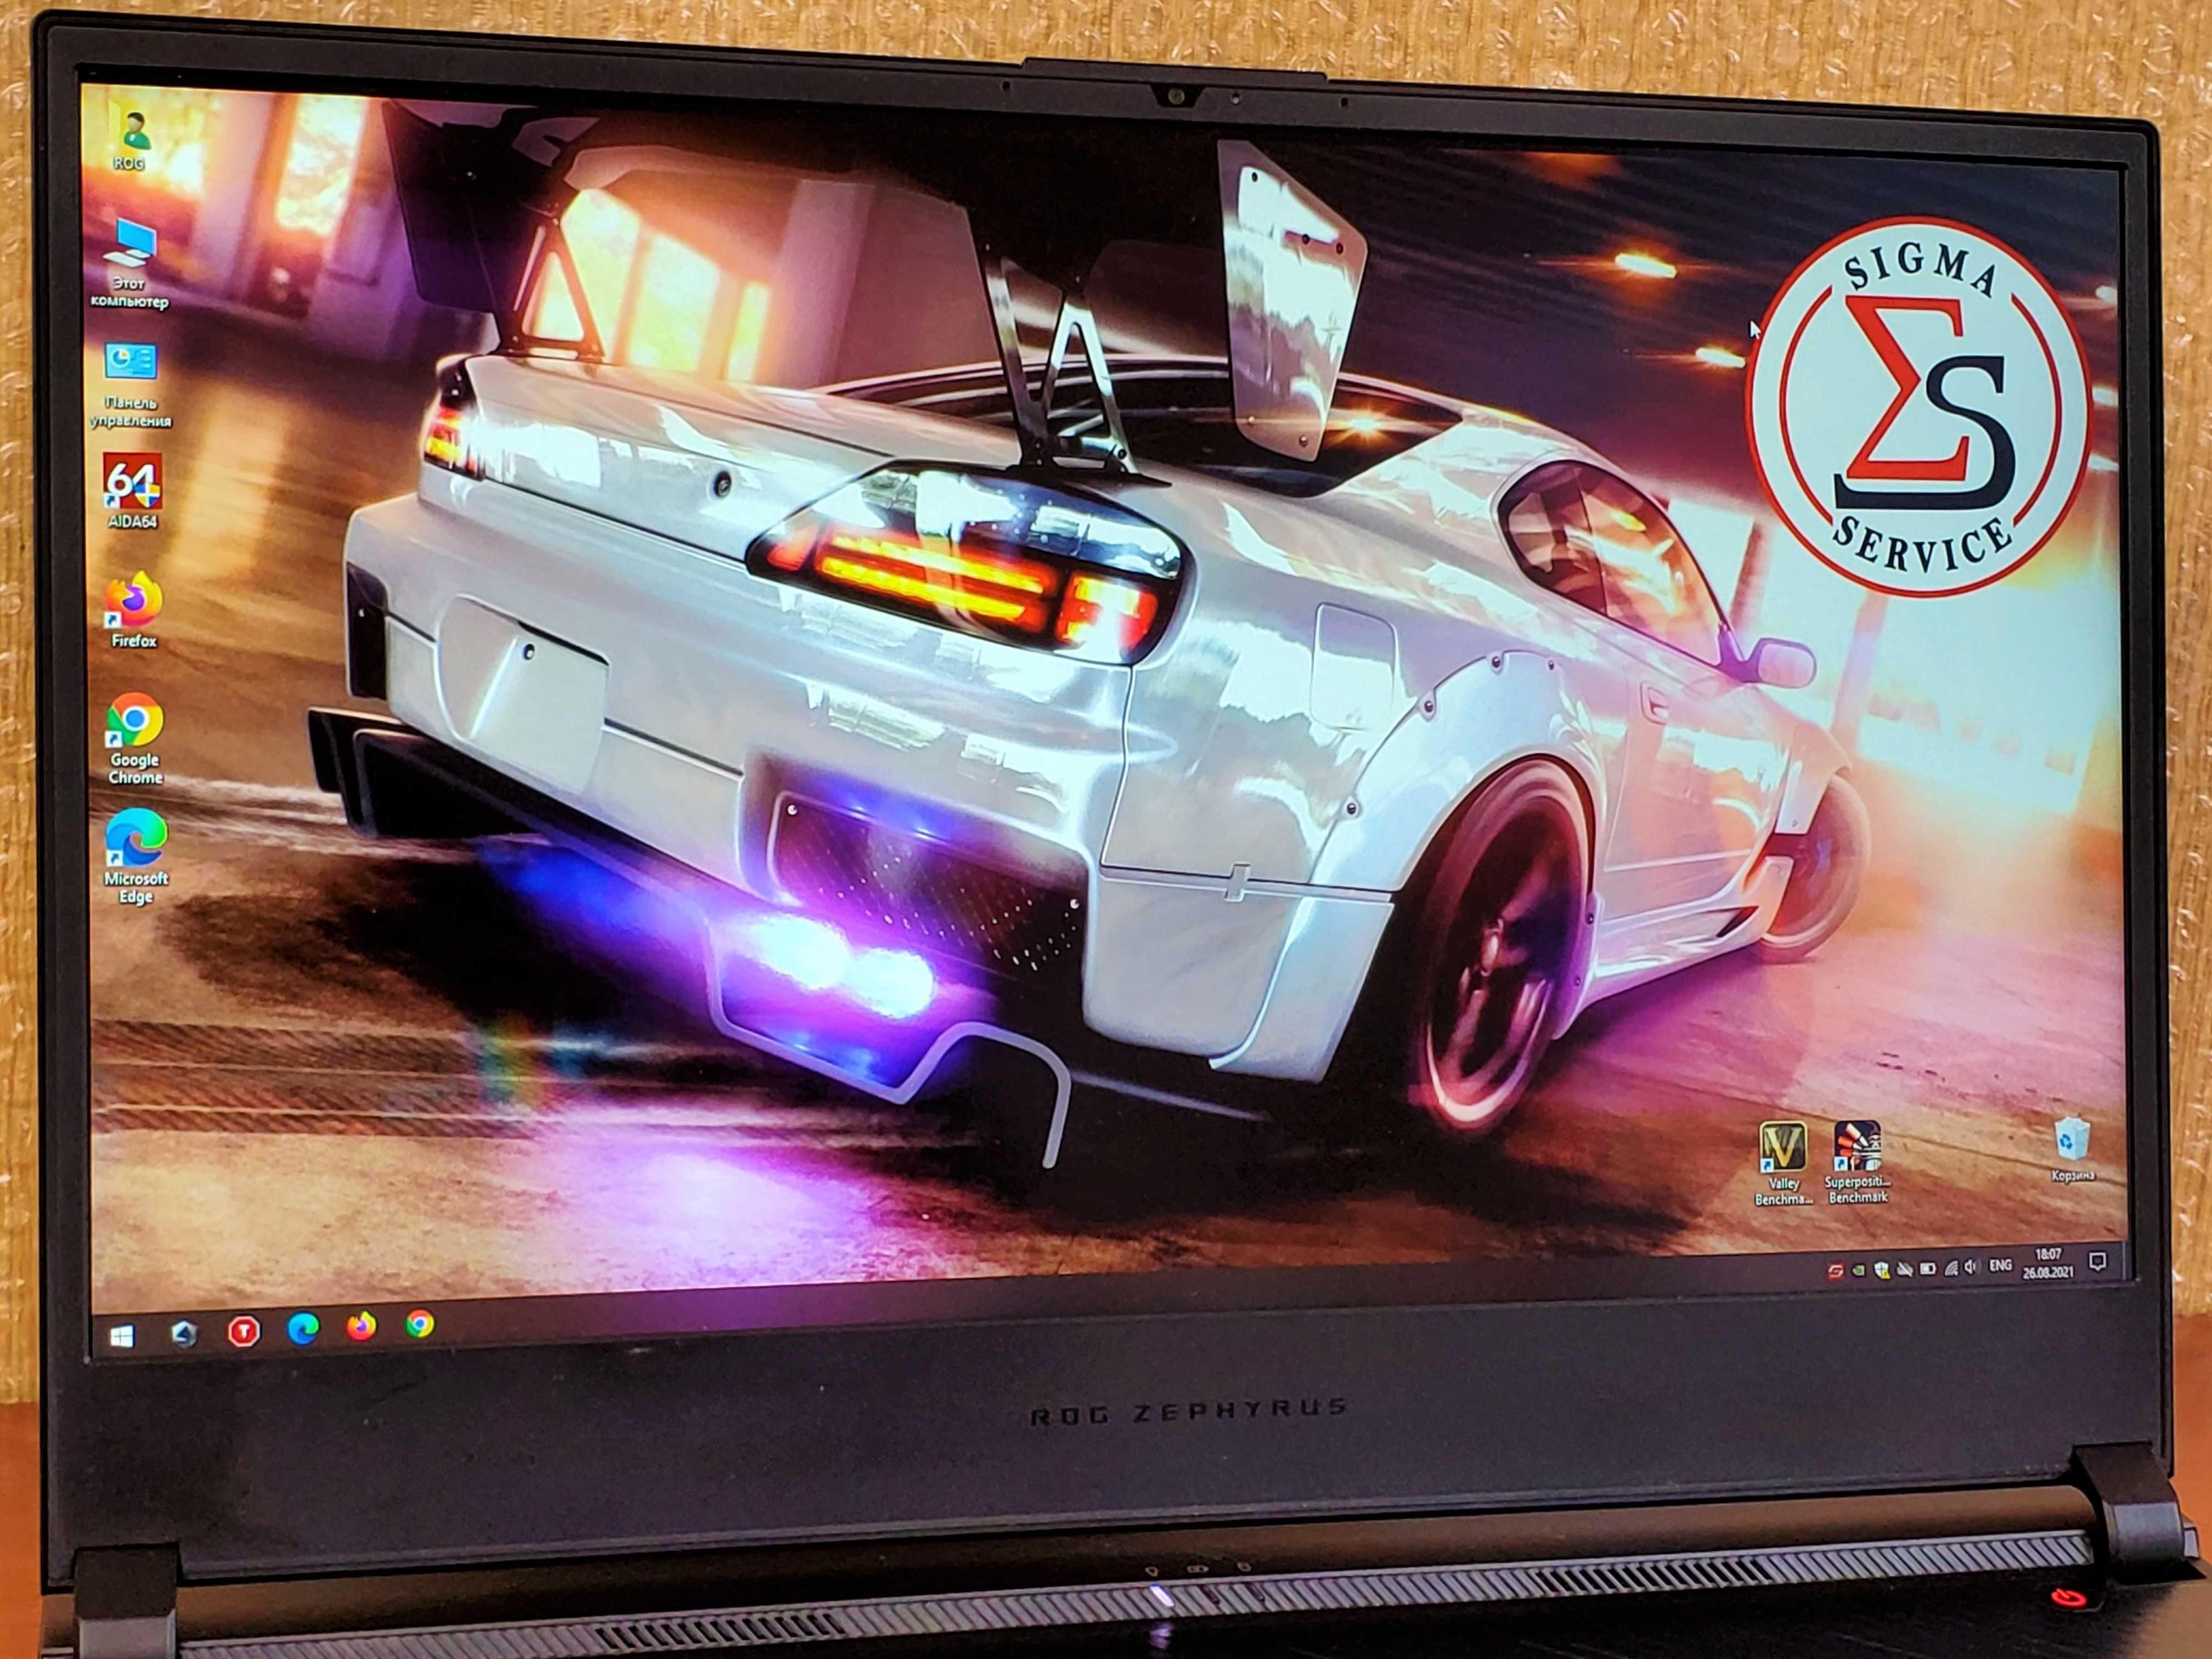 ASUS ROG Zephyrus GX531GX. Топовый, серьёзный игровой ноутбук. Из США